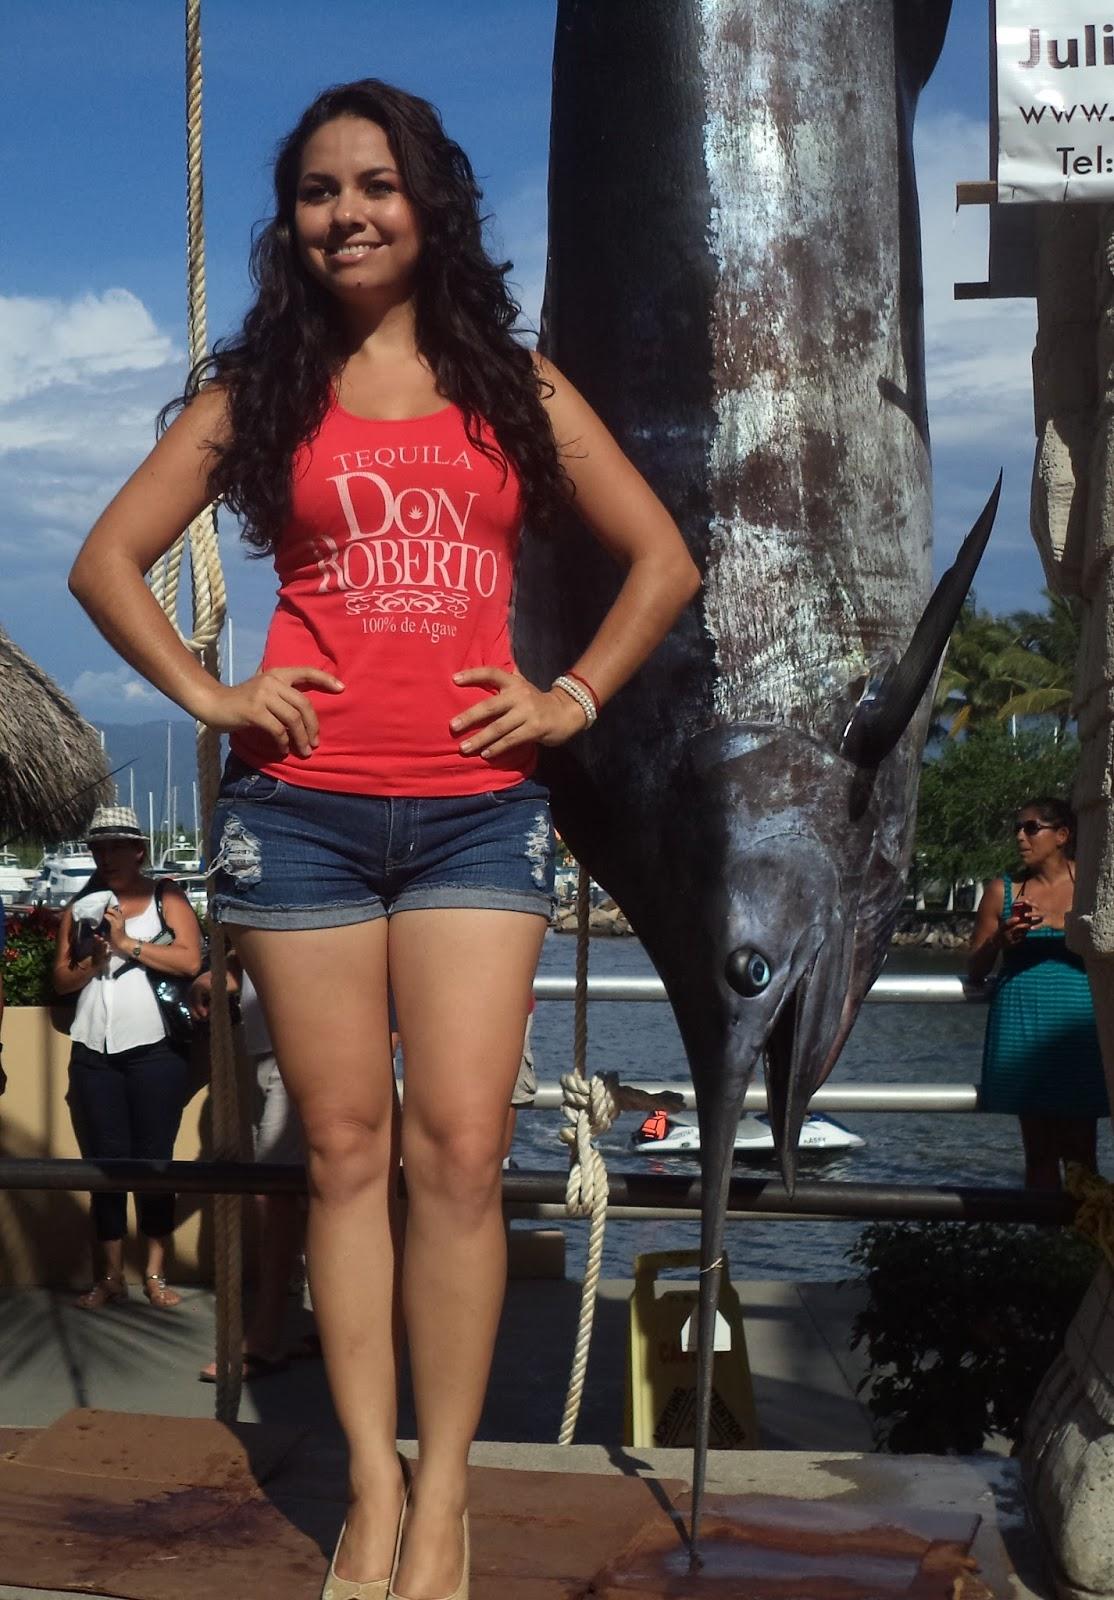 PV Sportfishing Puerto Vallarta fishing Tournaments